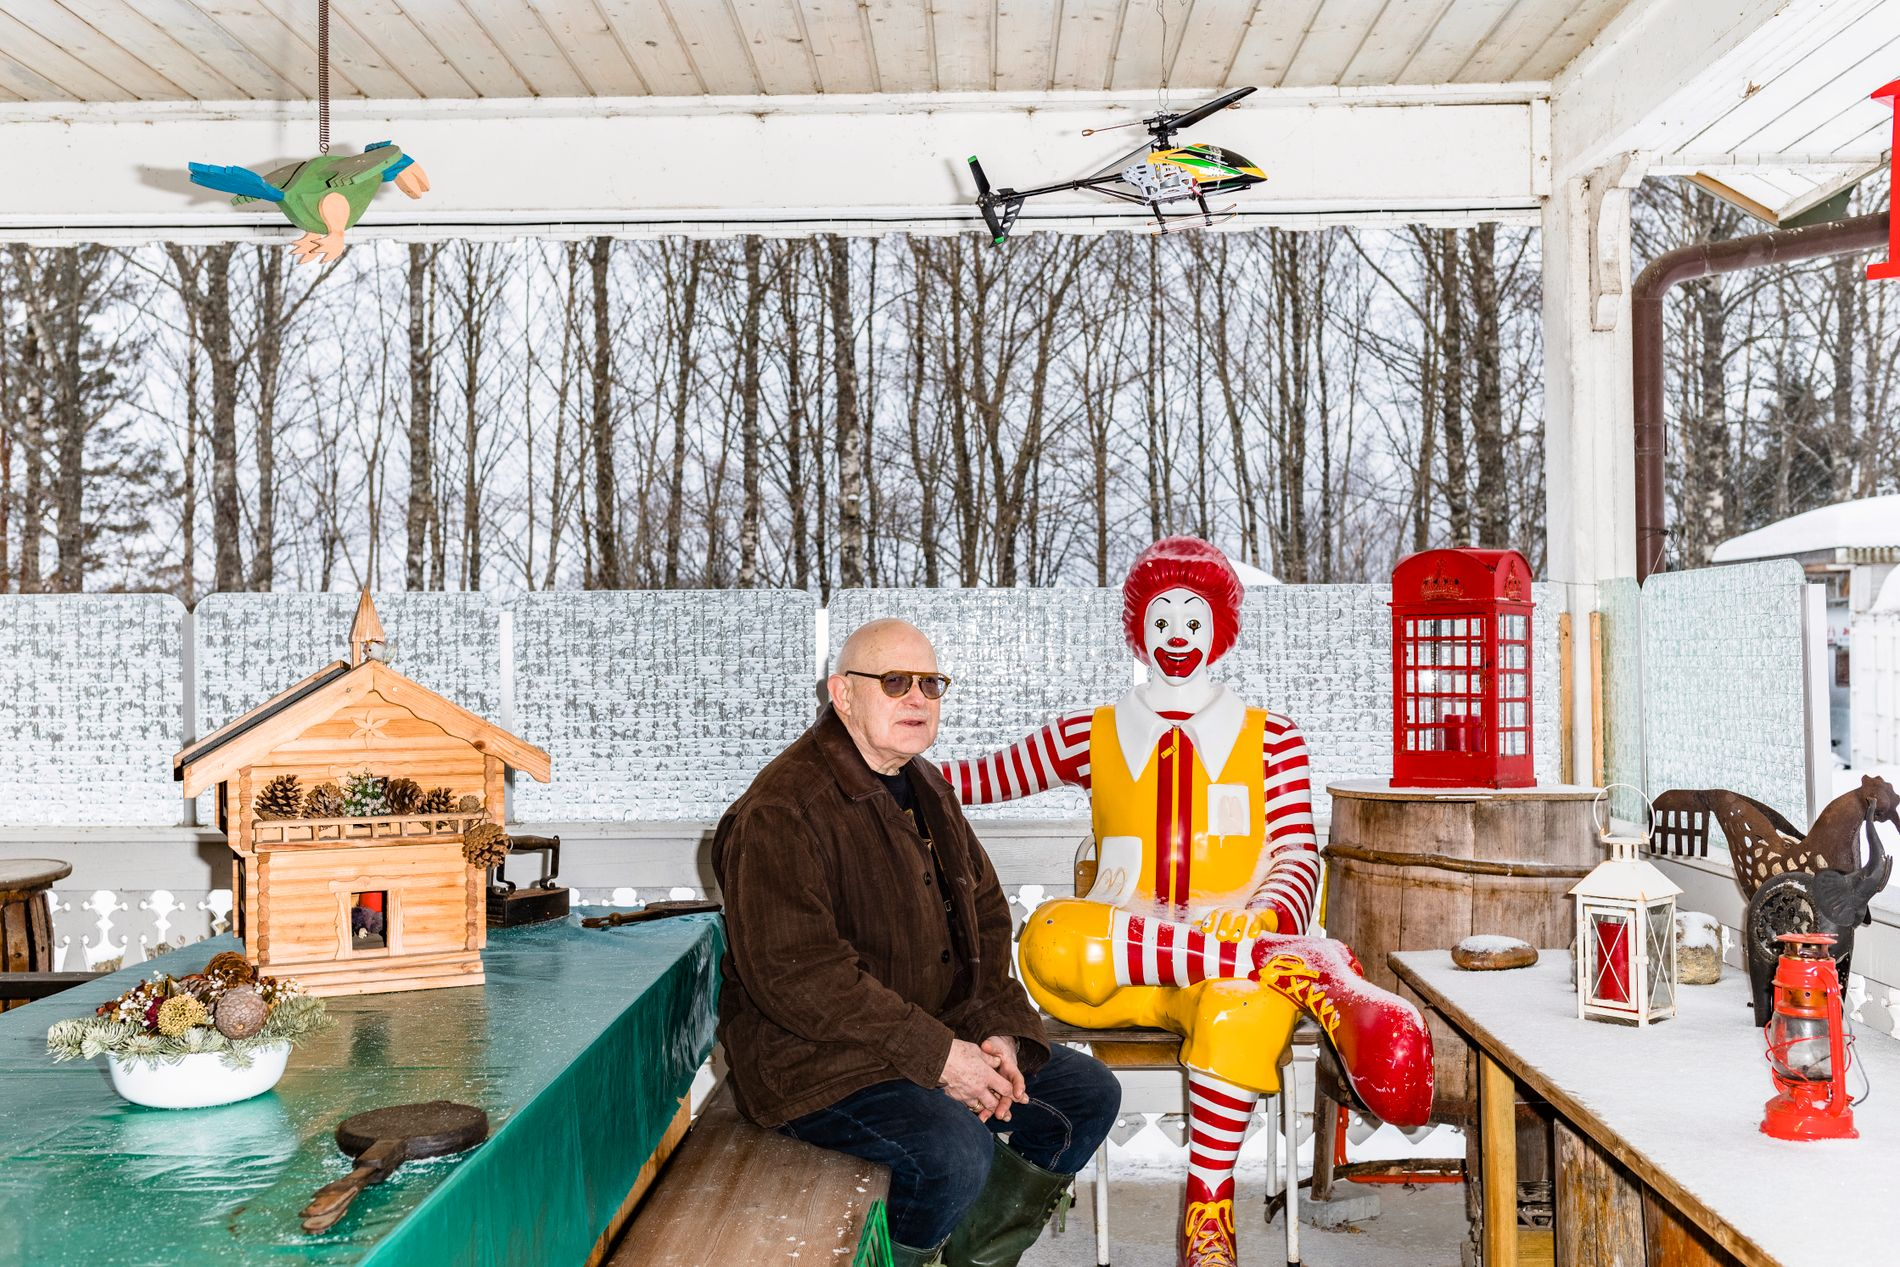 MANGE INTERESSER: I tillegg til å drive med knivmaking og tredreiing, er Trond Frøyland (77) medlem i Larvik-Sandefjord Veteranvognklubb og Vestfold Ukuleleklubb. Men lirekasser har lenge vært hans hovedinteresse.